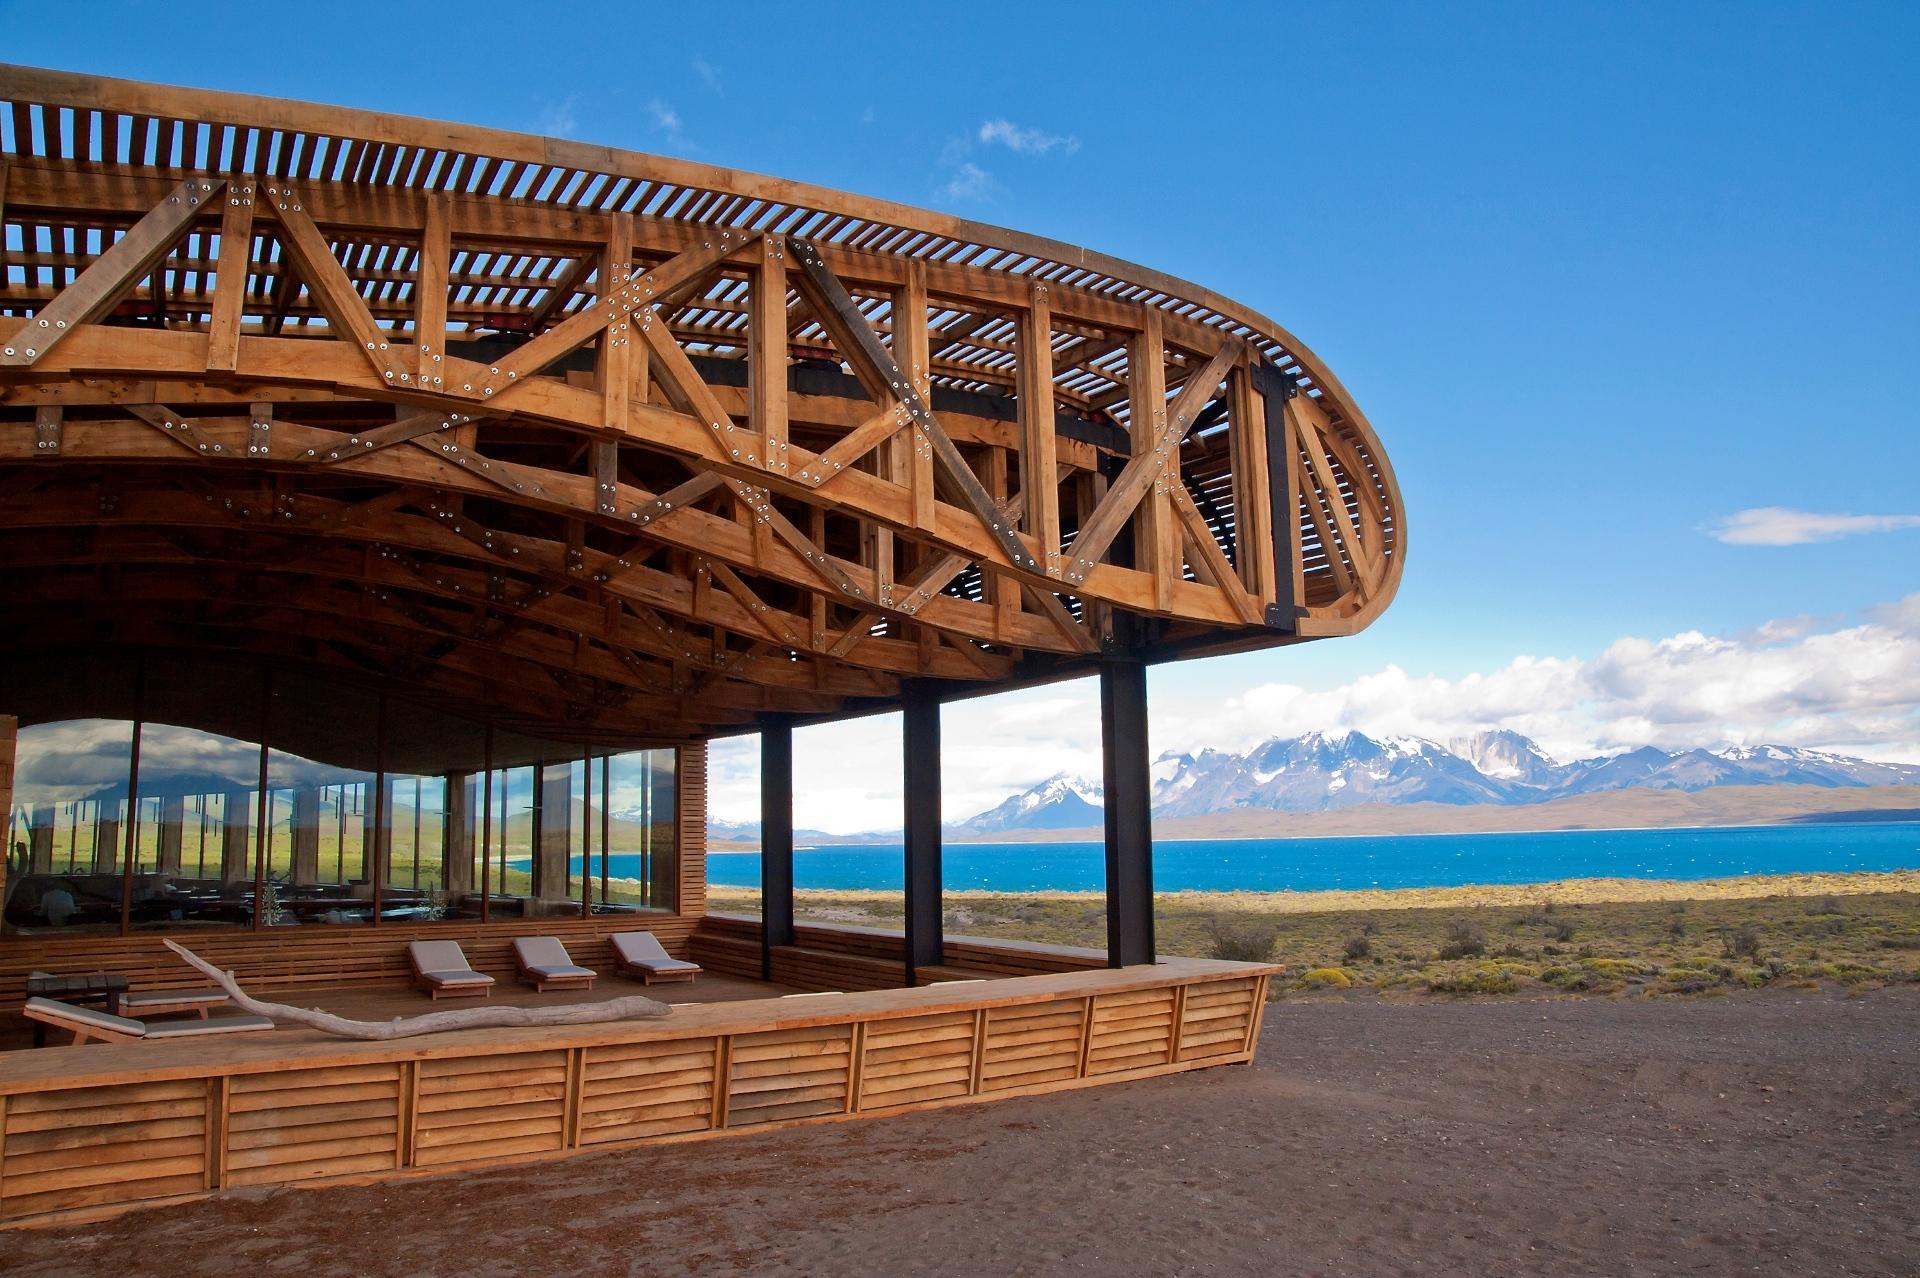 La azotea que se encuentra en la parte de abajo del Hotel Tierra Patagonia